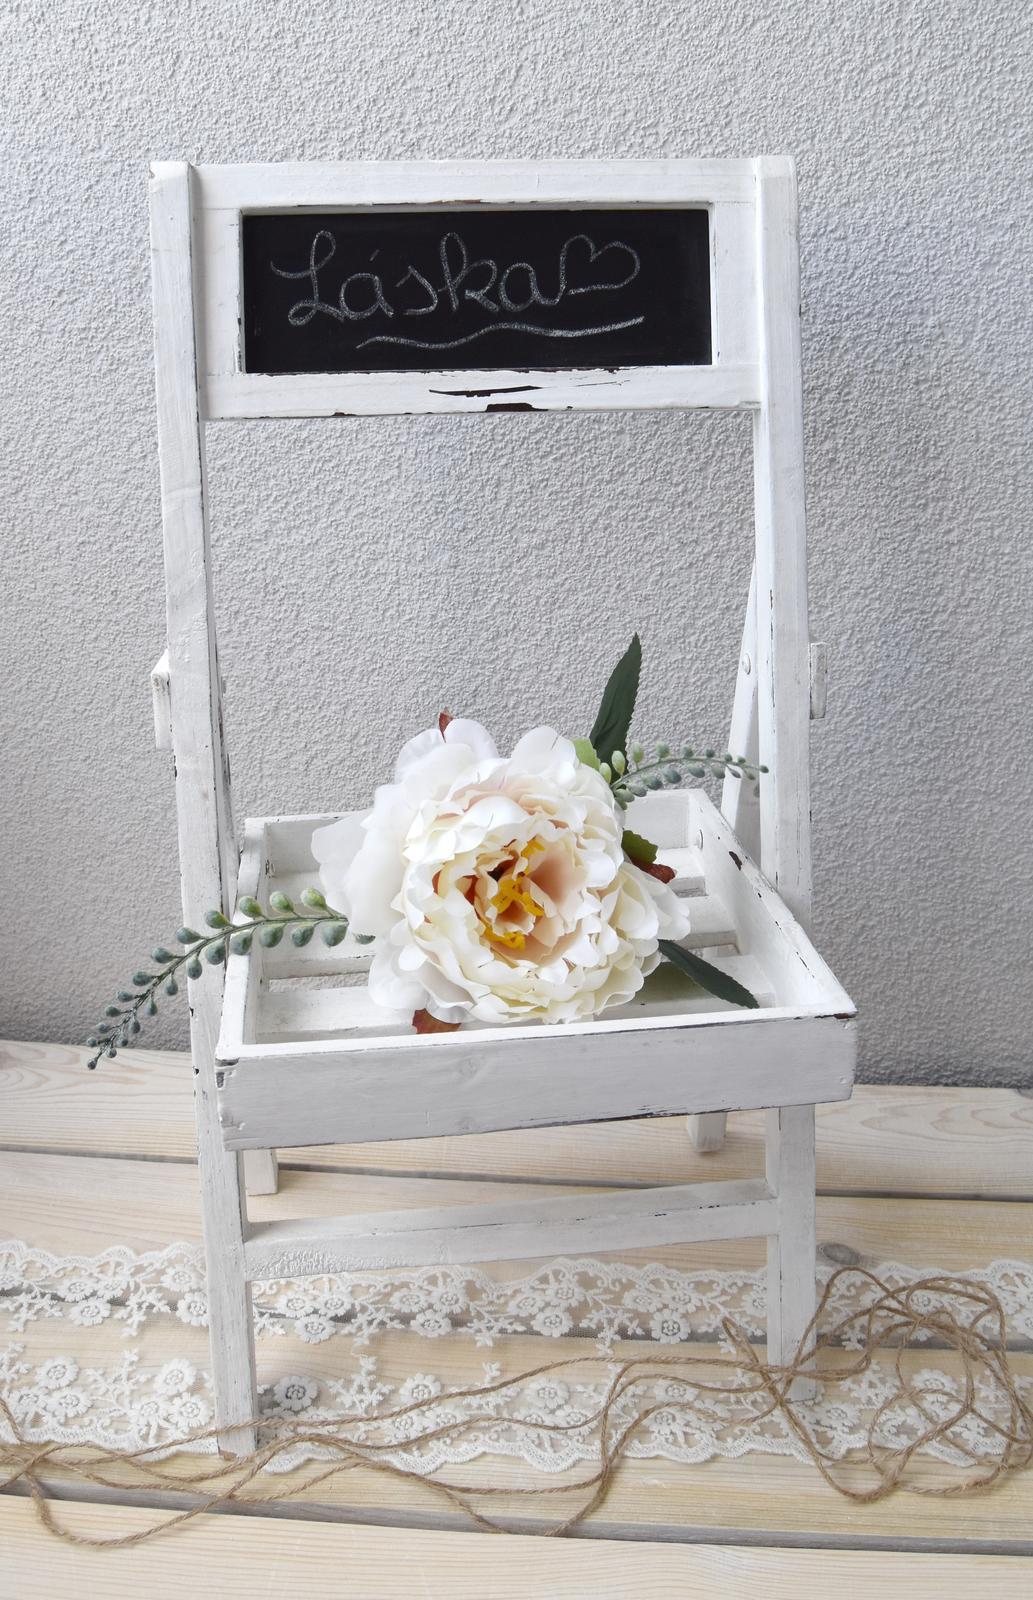 Wedding Time - stojan je síce určený na kvety ale viem si ho predstaviť v candy bare a v ňom uložené muffinky alebo iné sladkosti :)